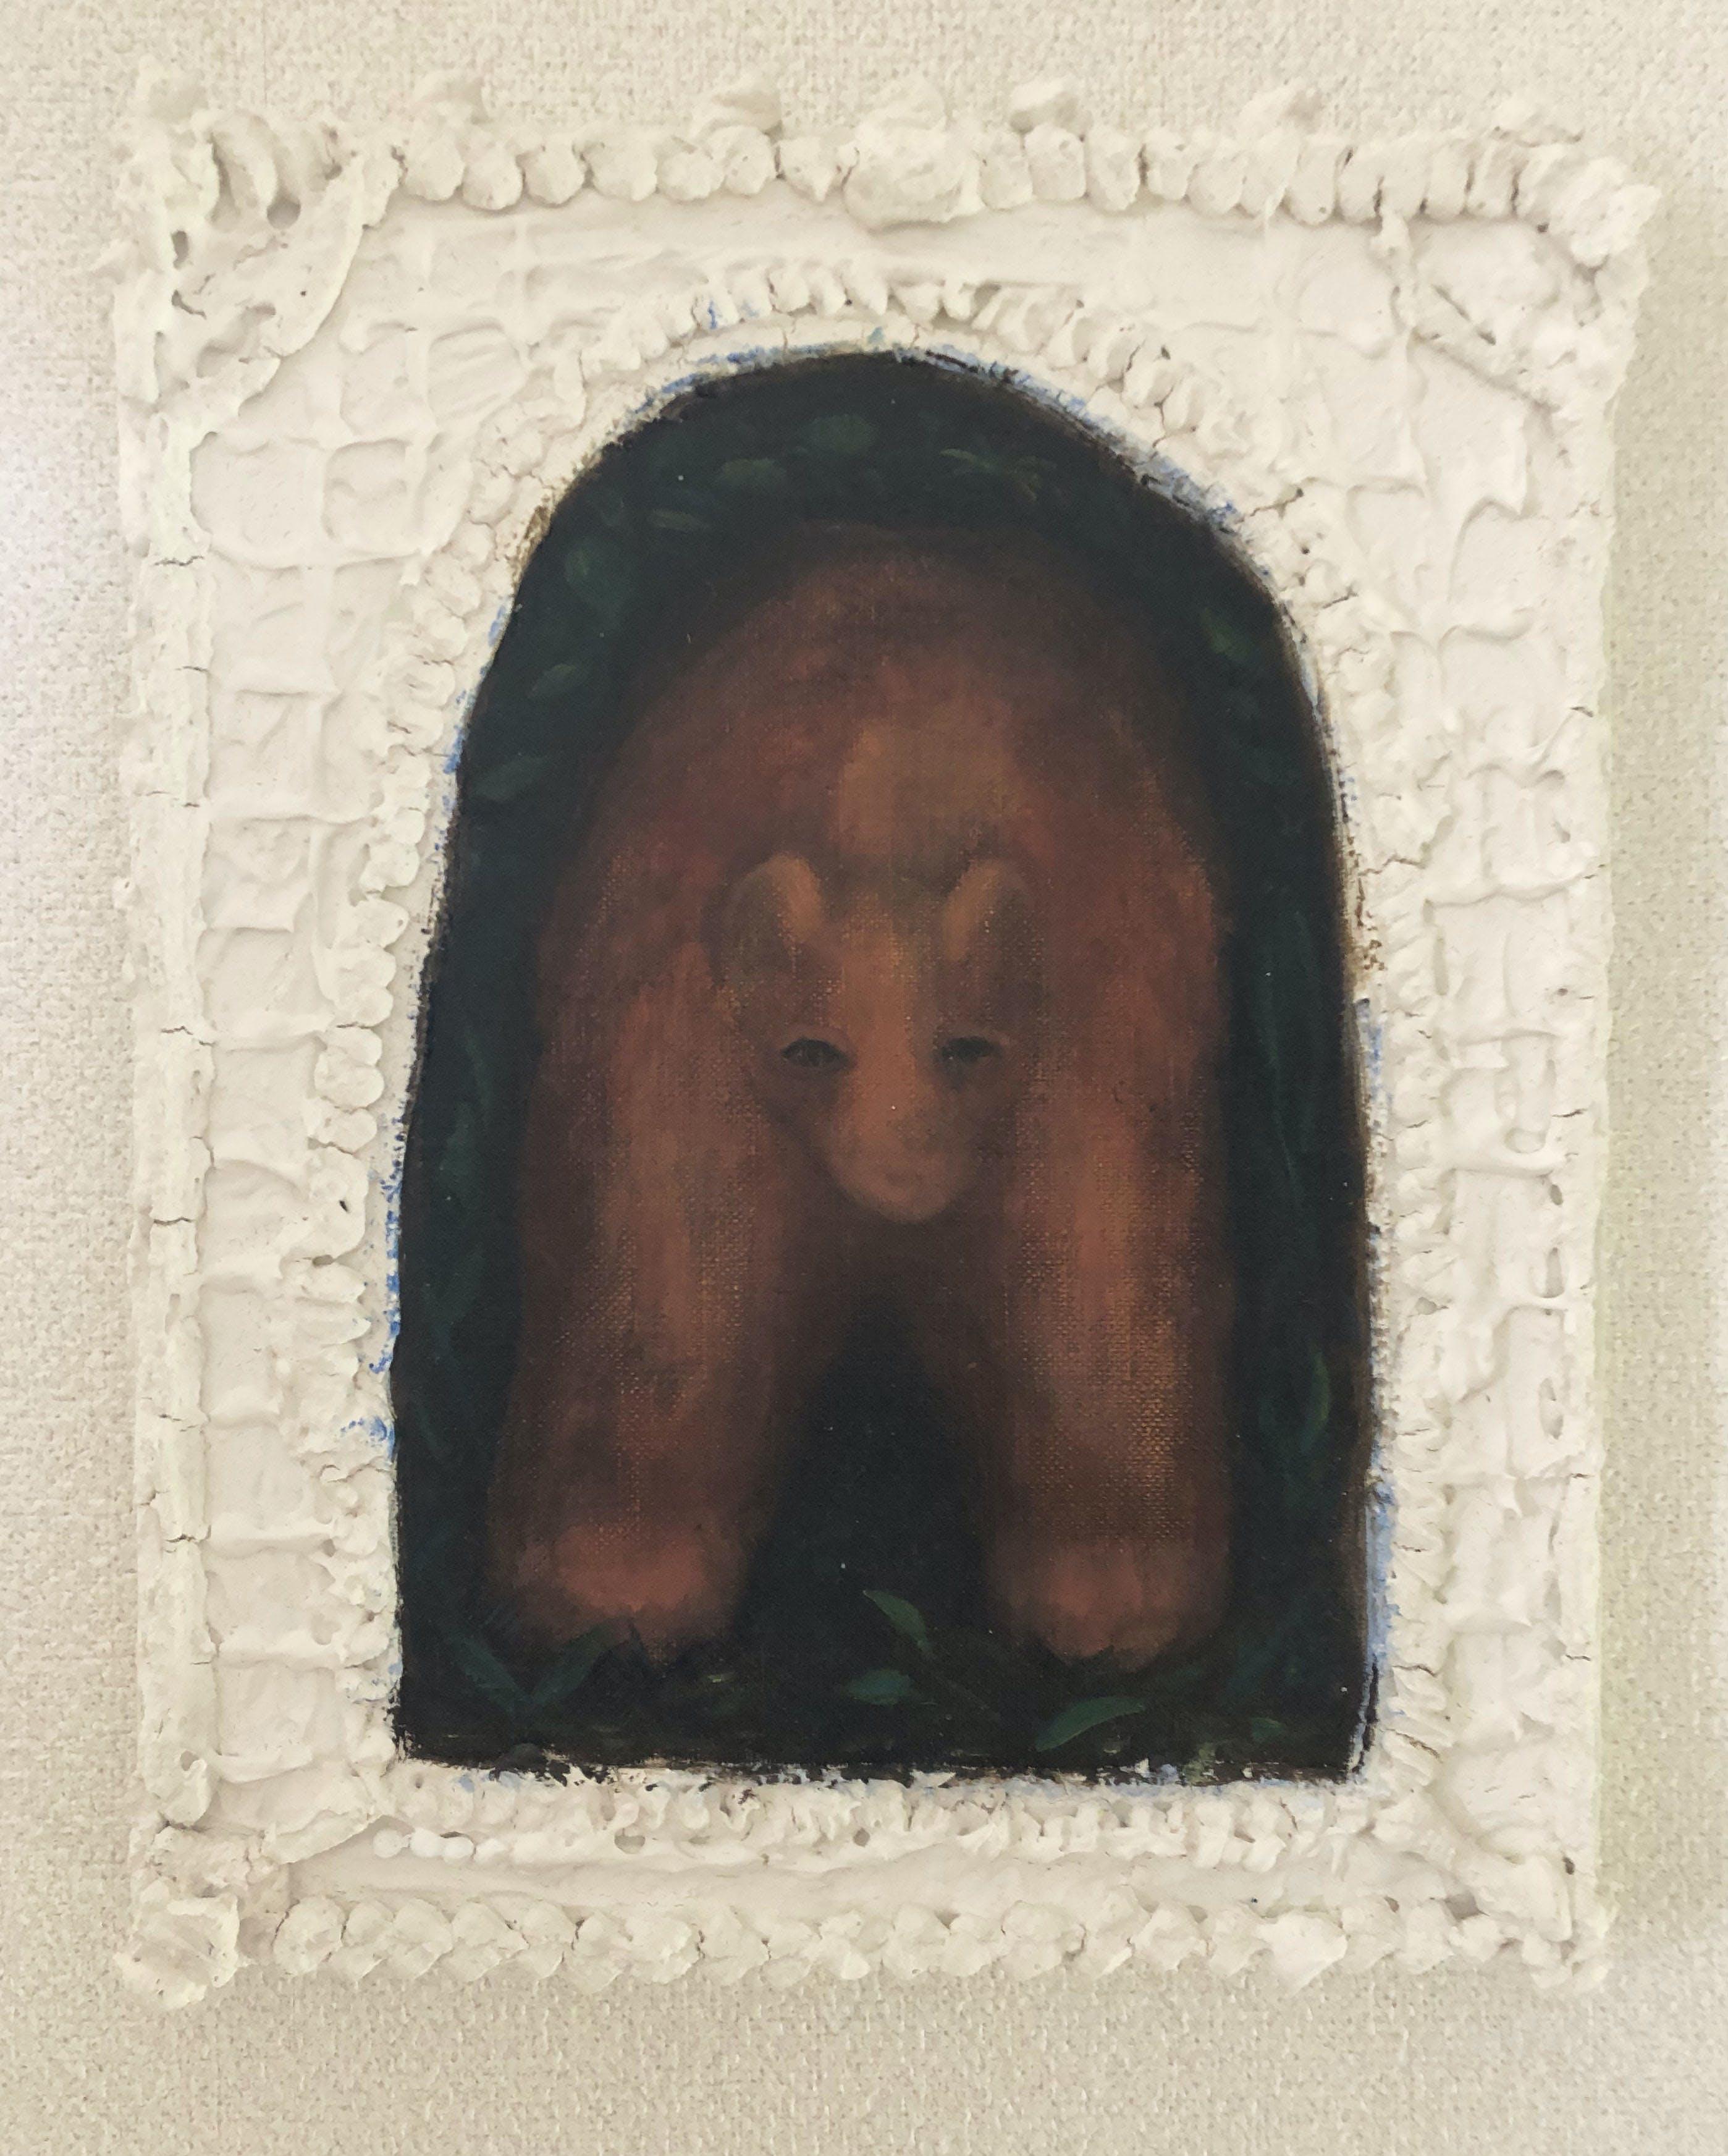 向こう側のクマ / The bear on the other side